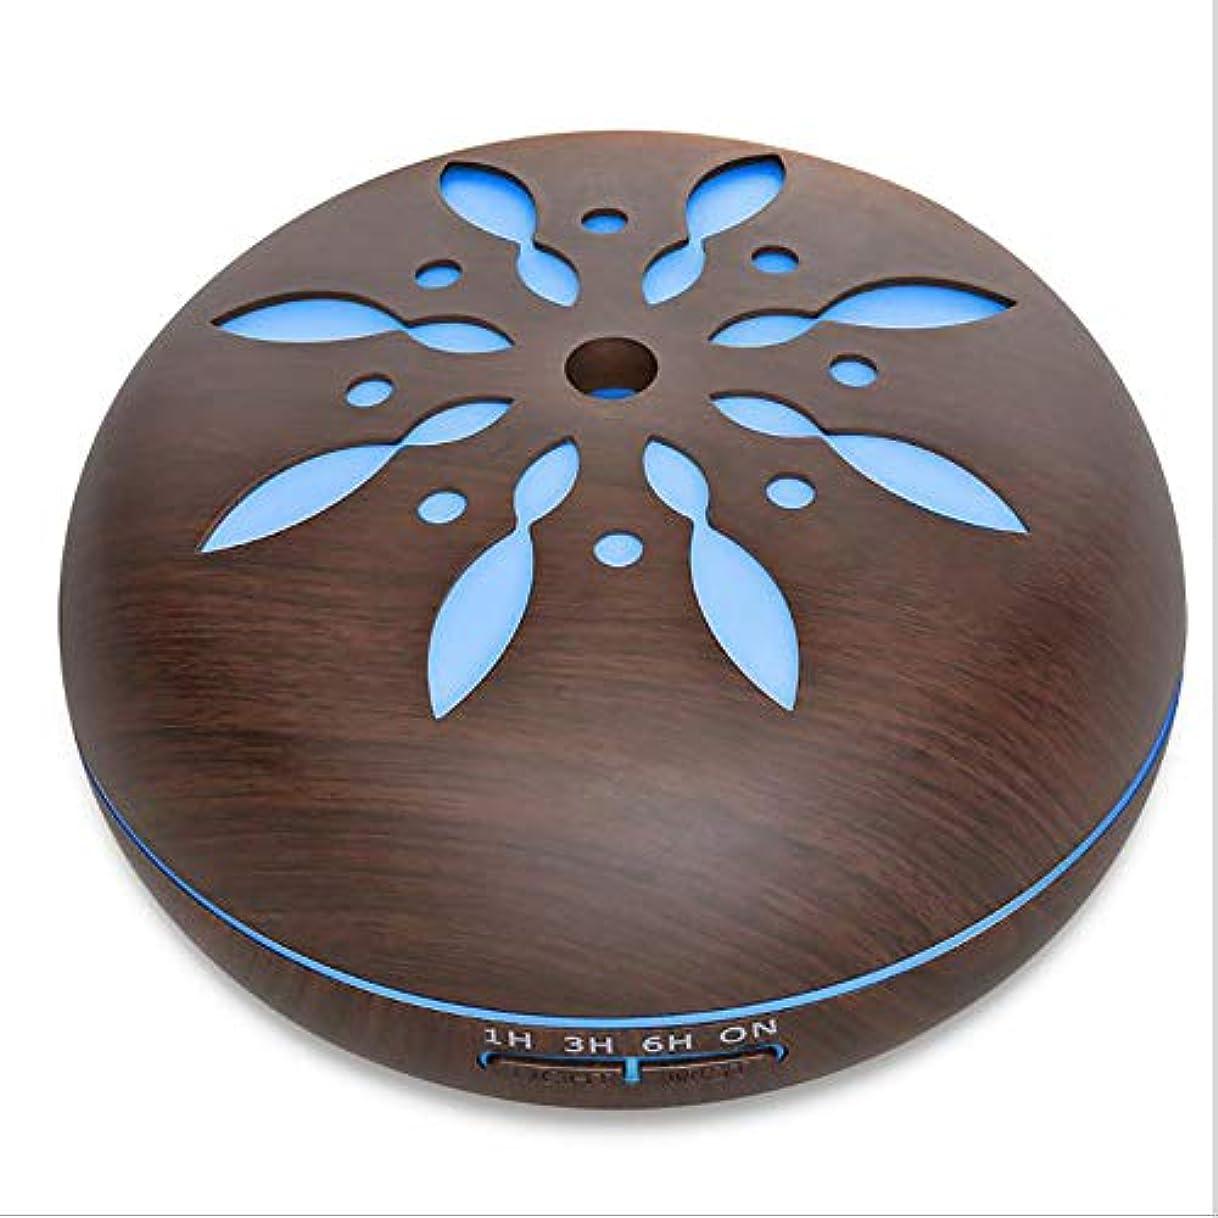 染色ホイール有料ミスト 超音波 香り ネブライザー、 電気の 香り 木製 ホーム 空気 加湿器、 550ml リモコン 木地 アロマテラピー エッセンシャルオイル 香り ディフューザー,Petals1dark